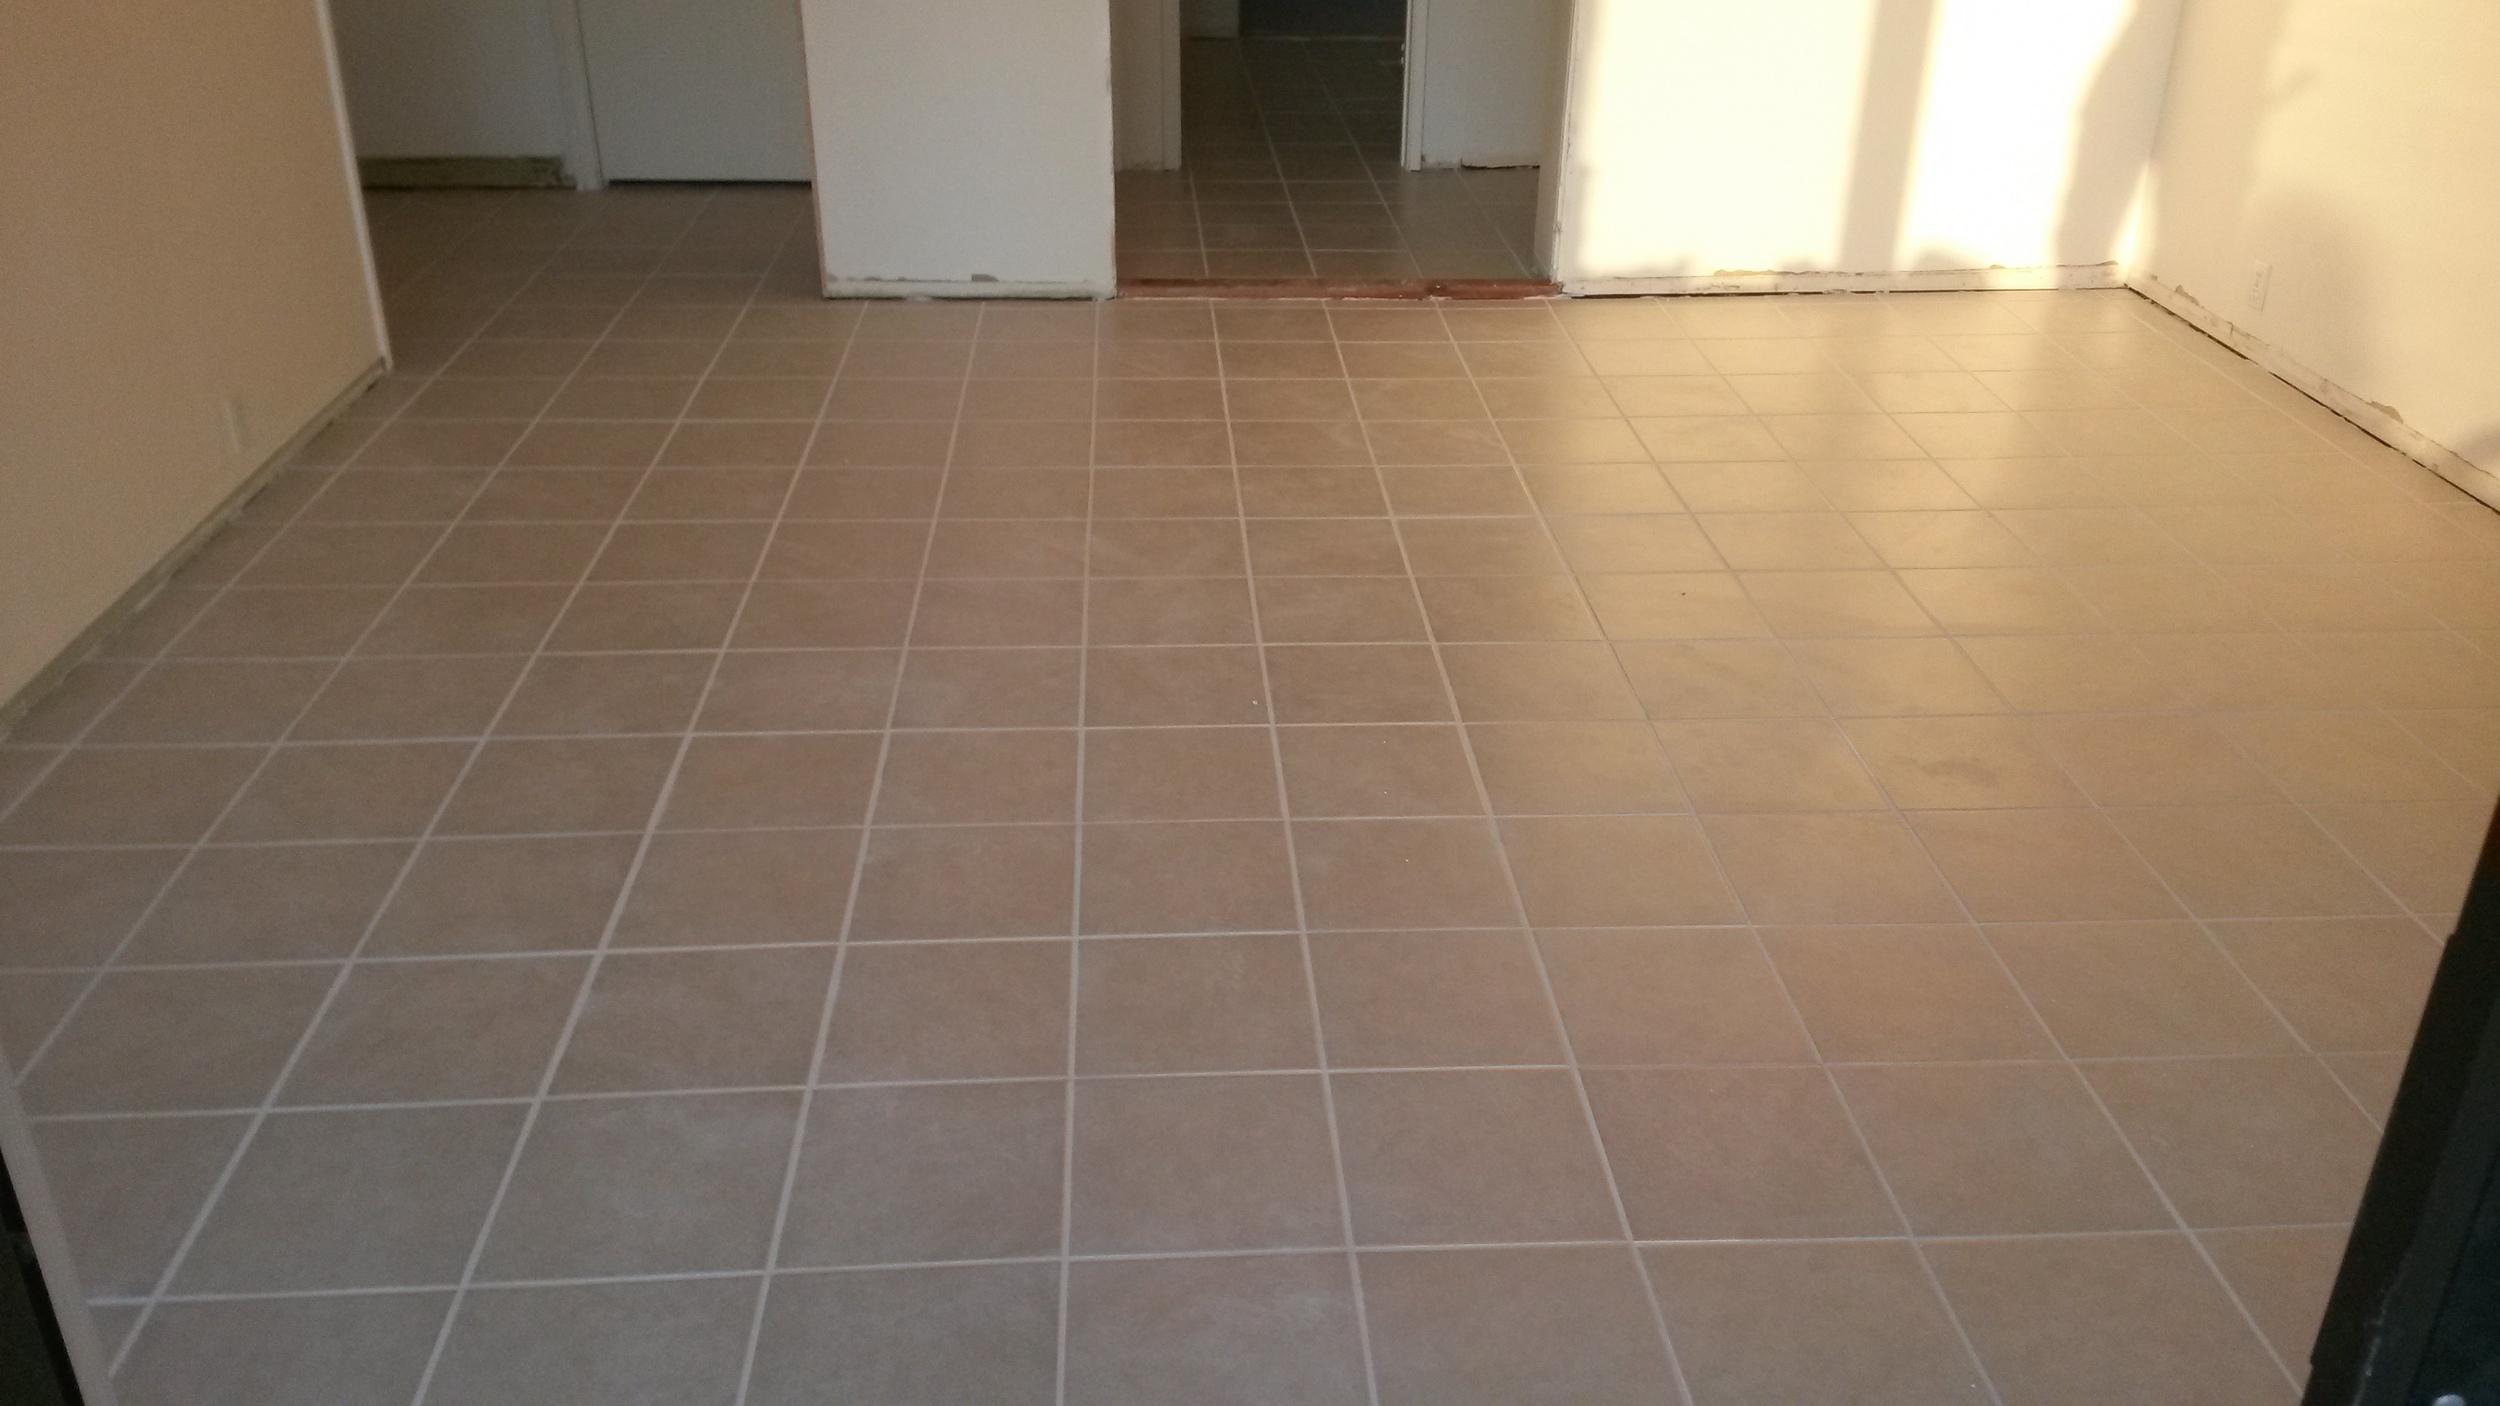 MSTR Bedroom and Bath Floor Finished.jpg